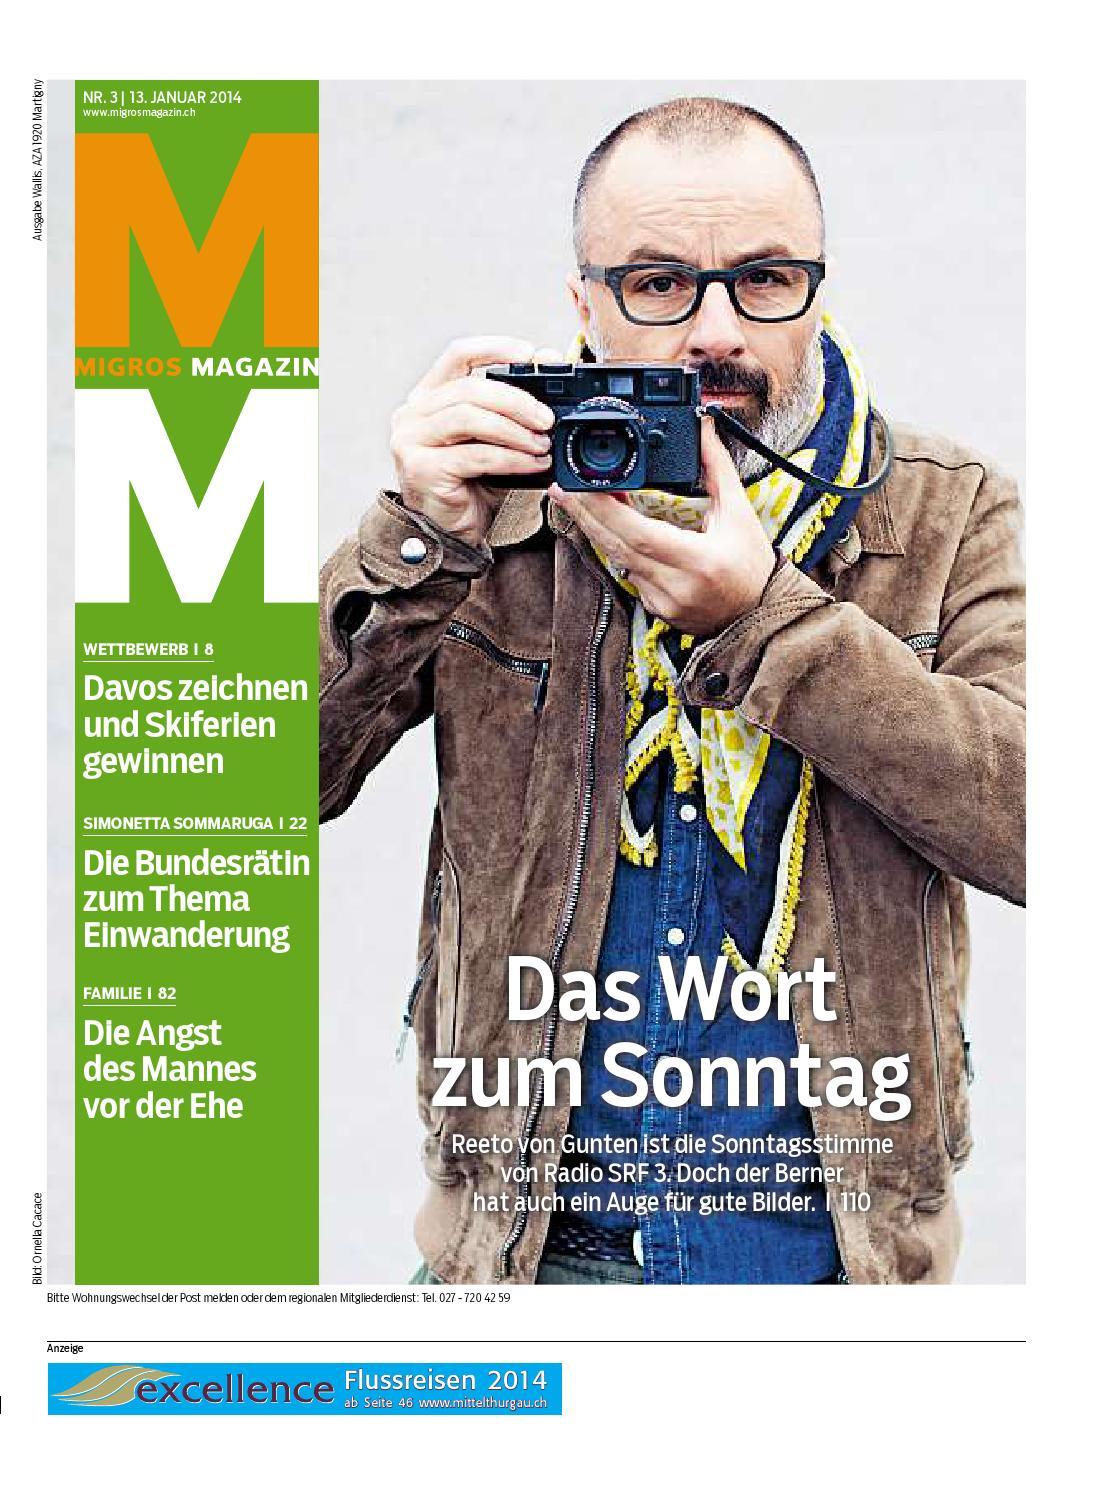 Migros magazin 03 2014 d vs by Migros-Genossenschafts-Bund - issuu